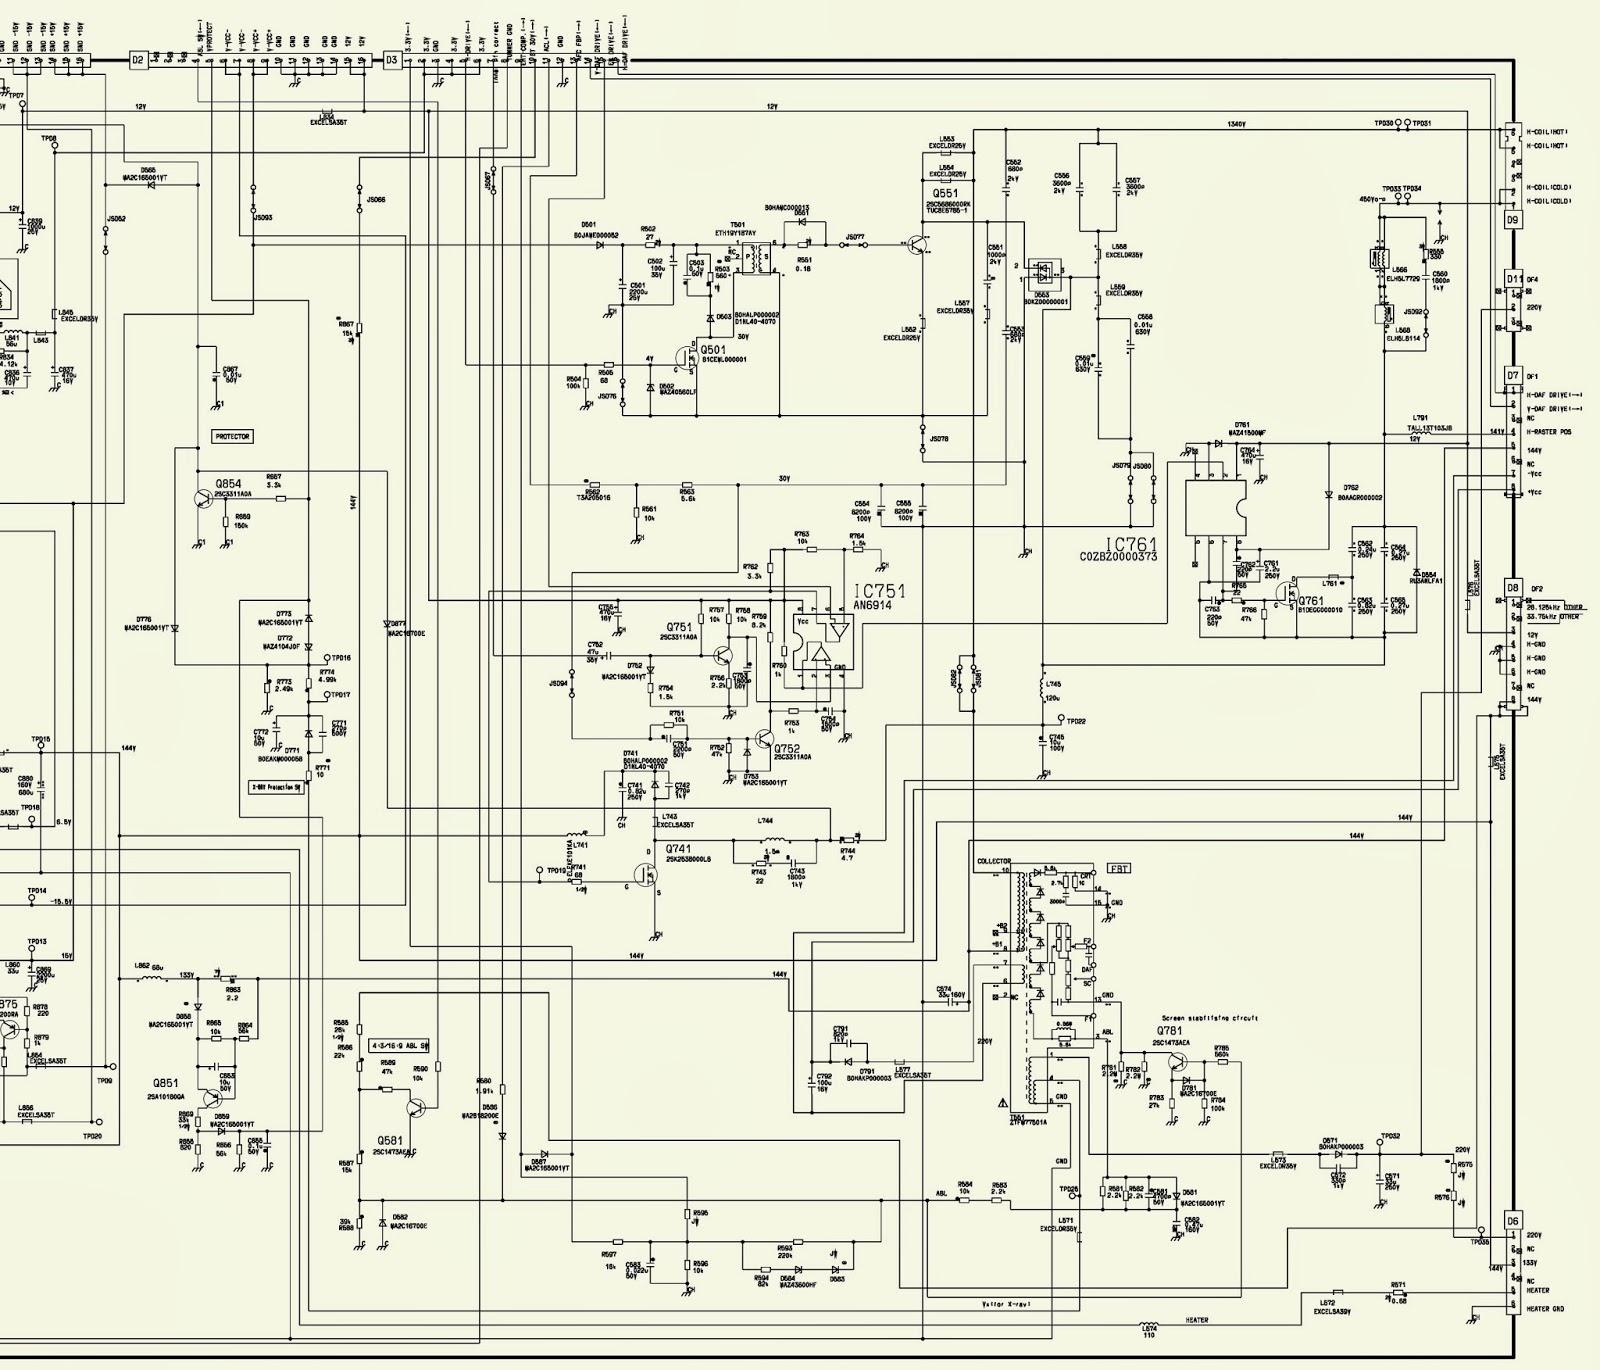 panasonic schematic diagram panasonic wiring diagram